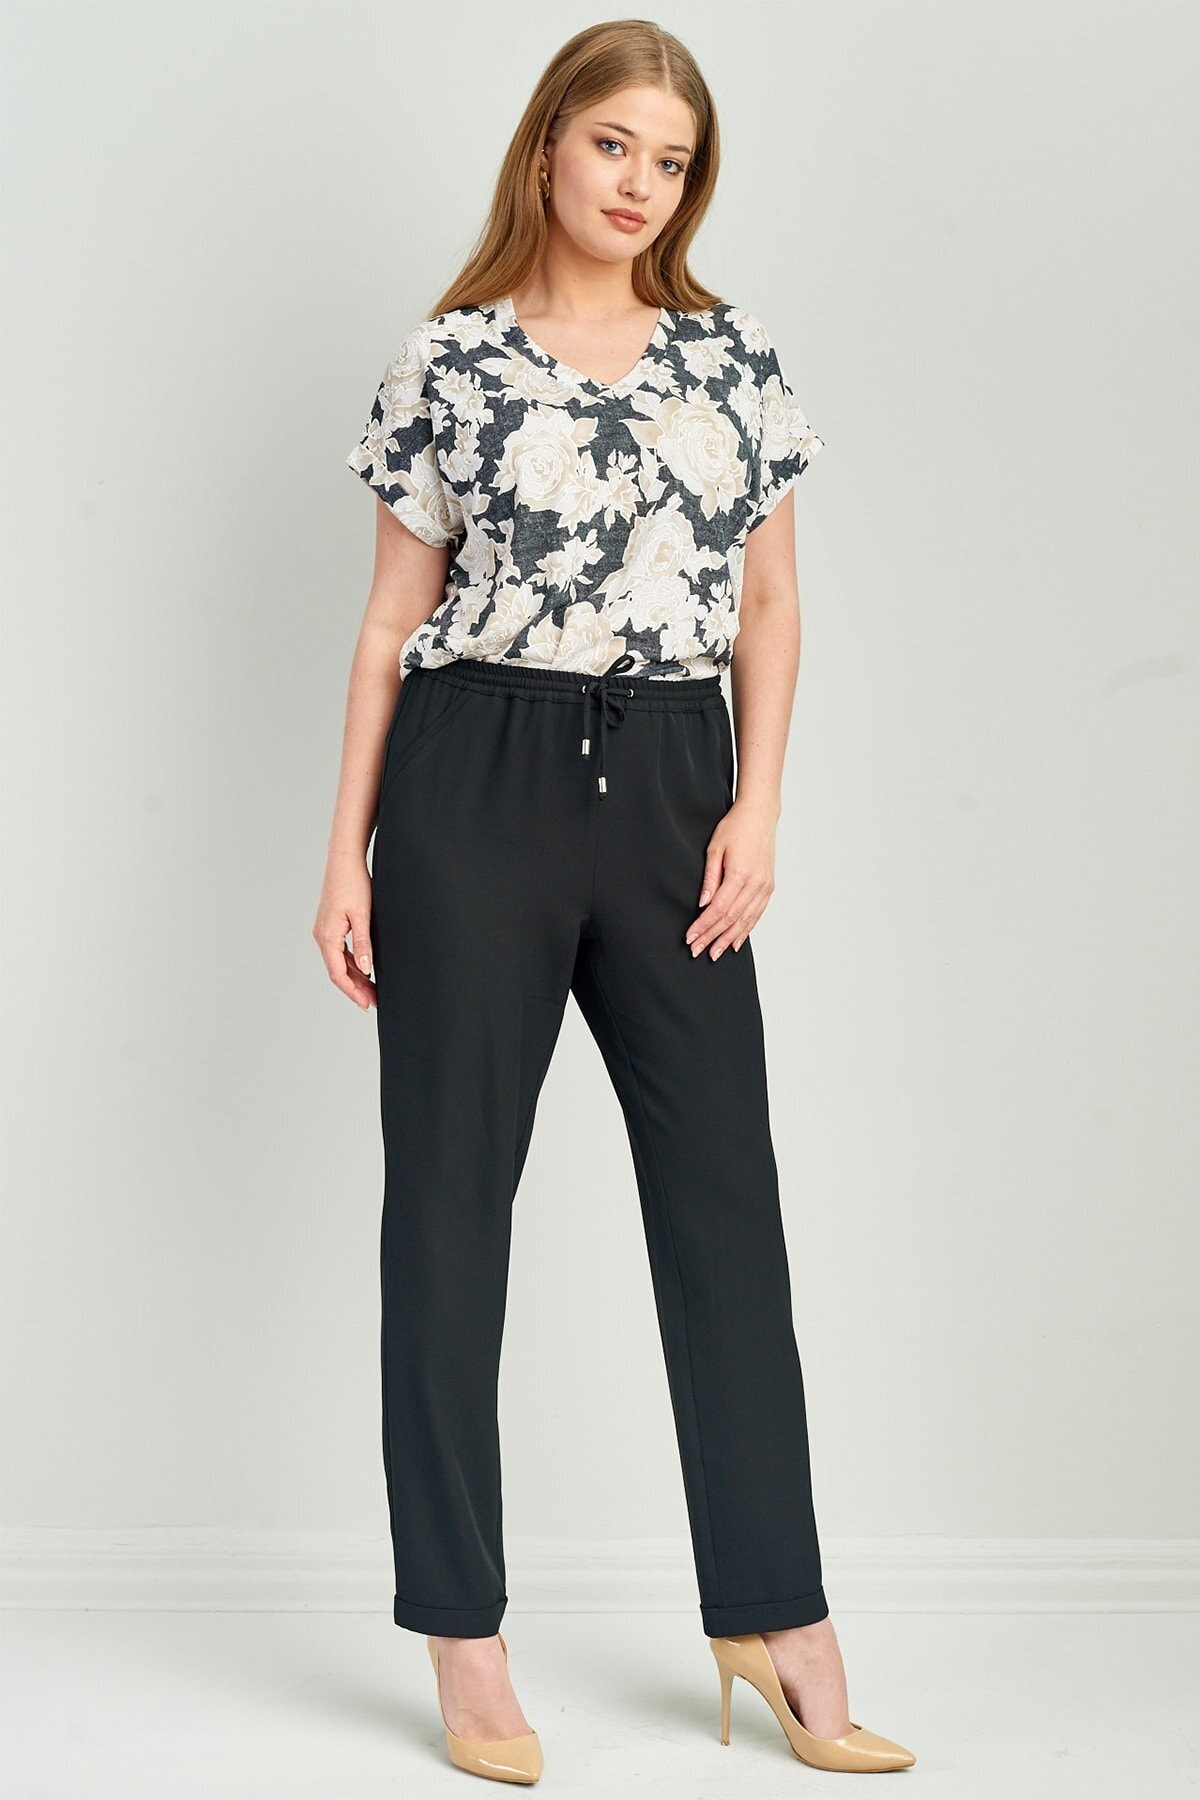 Kadın Beli Lastikli Pantolon 2176